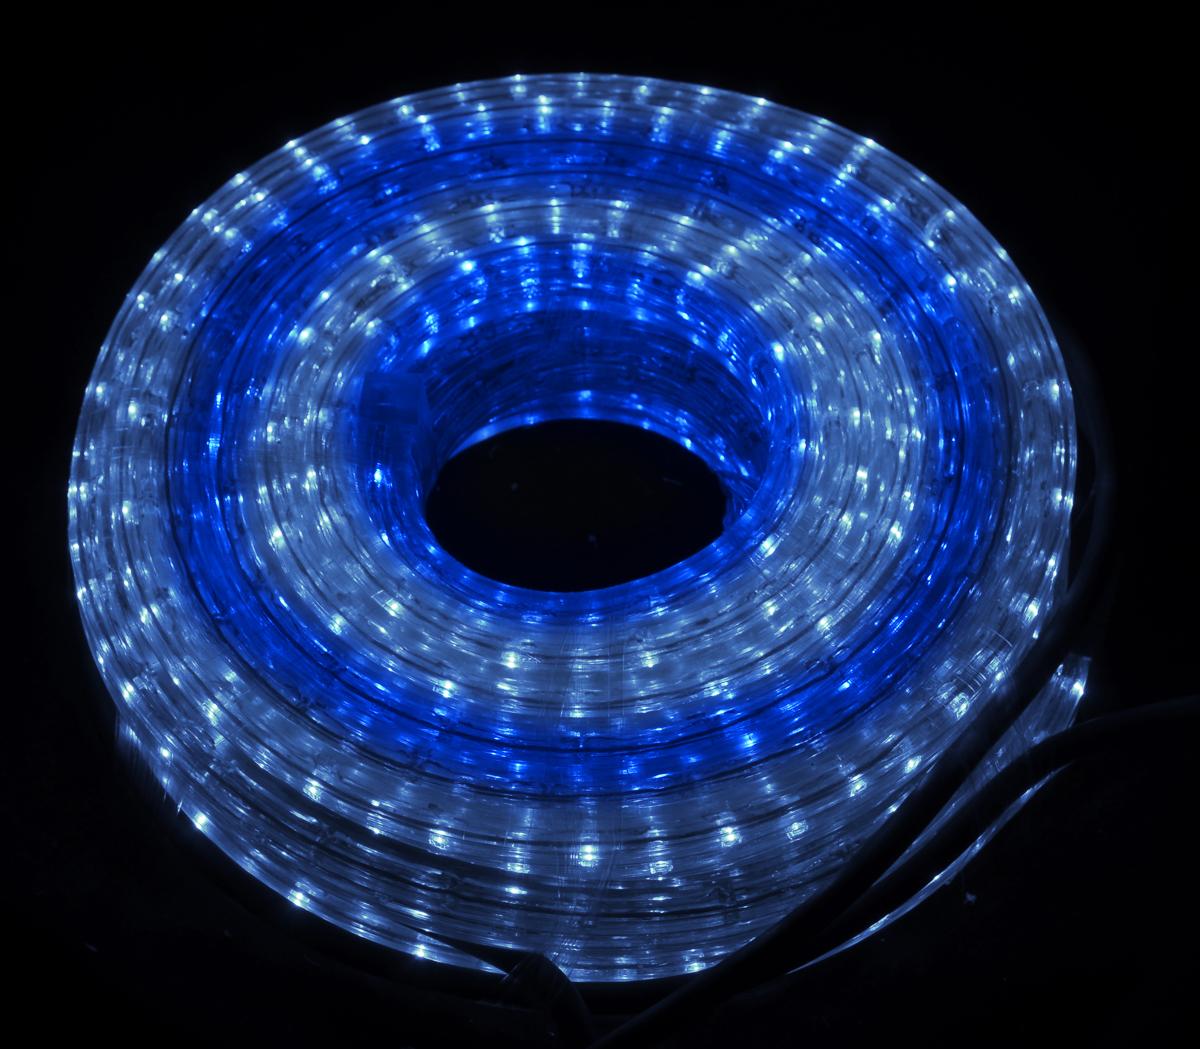 Гирлянда электрическая Winter Wings Дюралайт, с контроллером, 648 ламп, длина 9 м. N11151N11151Электрическая гирлянда Winter Wings Дюралайт предназначена для украшения интерьеров. Эта гирляндаоборудована специальным контроллером, обеспечивающим несколько режимов работы: постоянное свечение, мерцание, мигание, бегущие огни. Содержит незаменяемые лампы типа рис, повышенного срока службы, имеет яркое свечение и низкое энергопотребление. При неисправности одной лампы другие продолжают гореть.Во время работы поверхность гирлянды может нагреваться. Во избежание перегрева изделия следует подключать его к сети только предварительно вынув из упаковки. Новогодние украшения несут в себе волшебство и красоту праздника. Они помогут вам украсить дом к предстоящим праздникам и оживить интерьер по вашему вкусу. Создайте в доме атмосферу тепла, веселья и радости, украшая его всей семьей.Напряжение: 220 В.Мощность: 130 Вт.Длина: 9 м.Квадратное сечение.Используются лампы:Напряжение: 6,5 В.Мощность: 0,45 Вт.